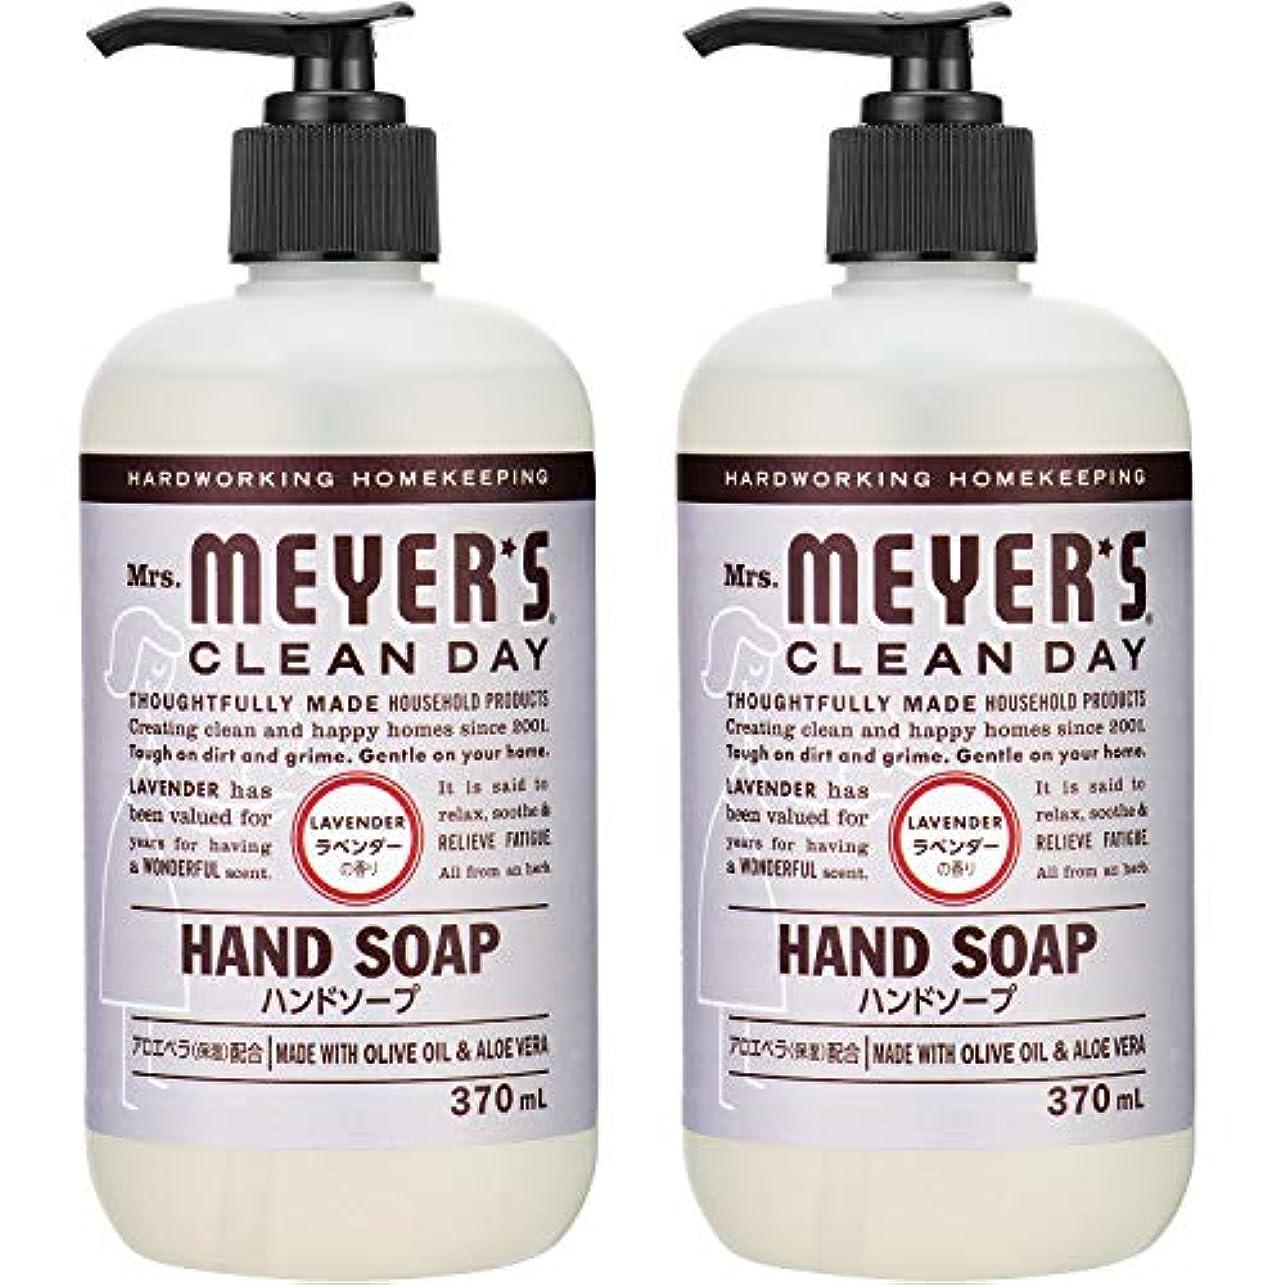 アンドリューハリディにんじん男性Mrs. MEYER'S CLEAN DAY(ミセスマイヤーズ クリーンデイ) ミセスマイヤーズ クリーンデイ(Mrs.Meyers Clean Day) ハンドソープ ラベンダーの香り 370ml×2個